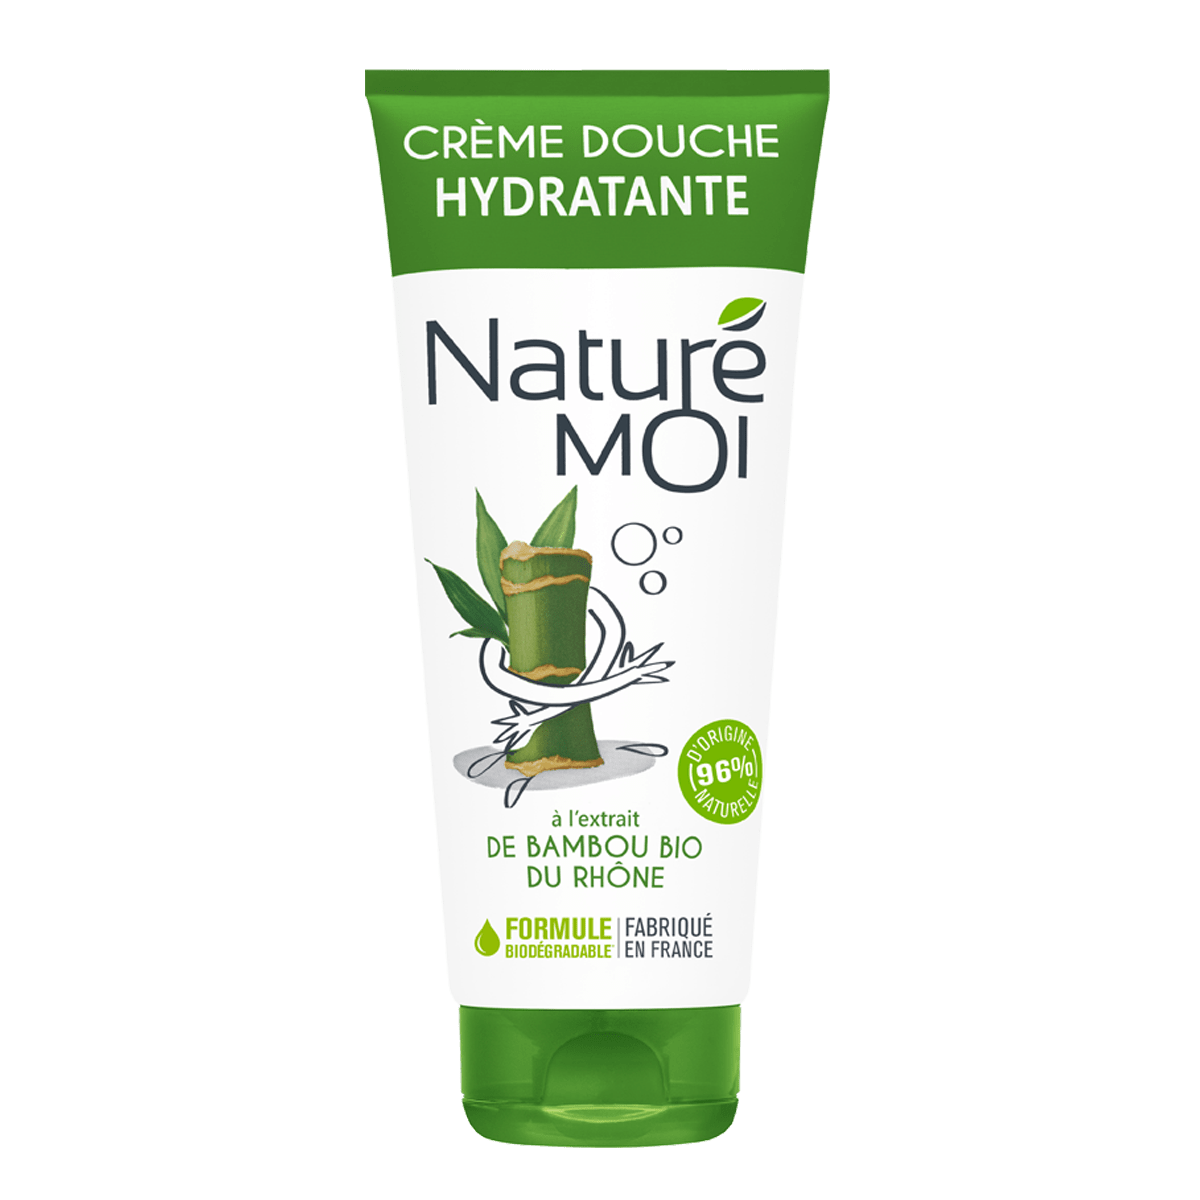 Image Crème Douche Hydratante au bambou BIO du Rhône